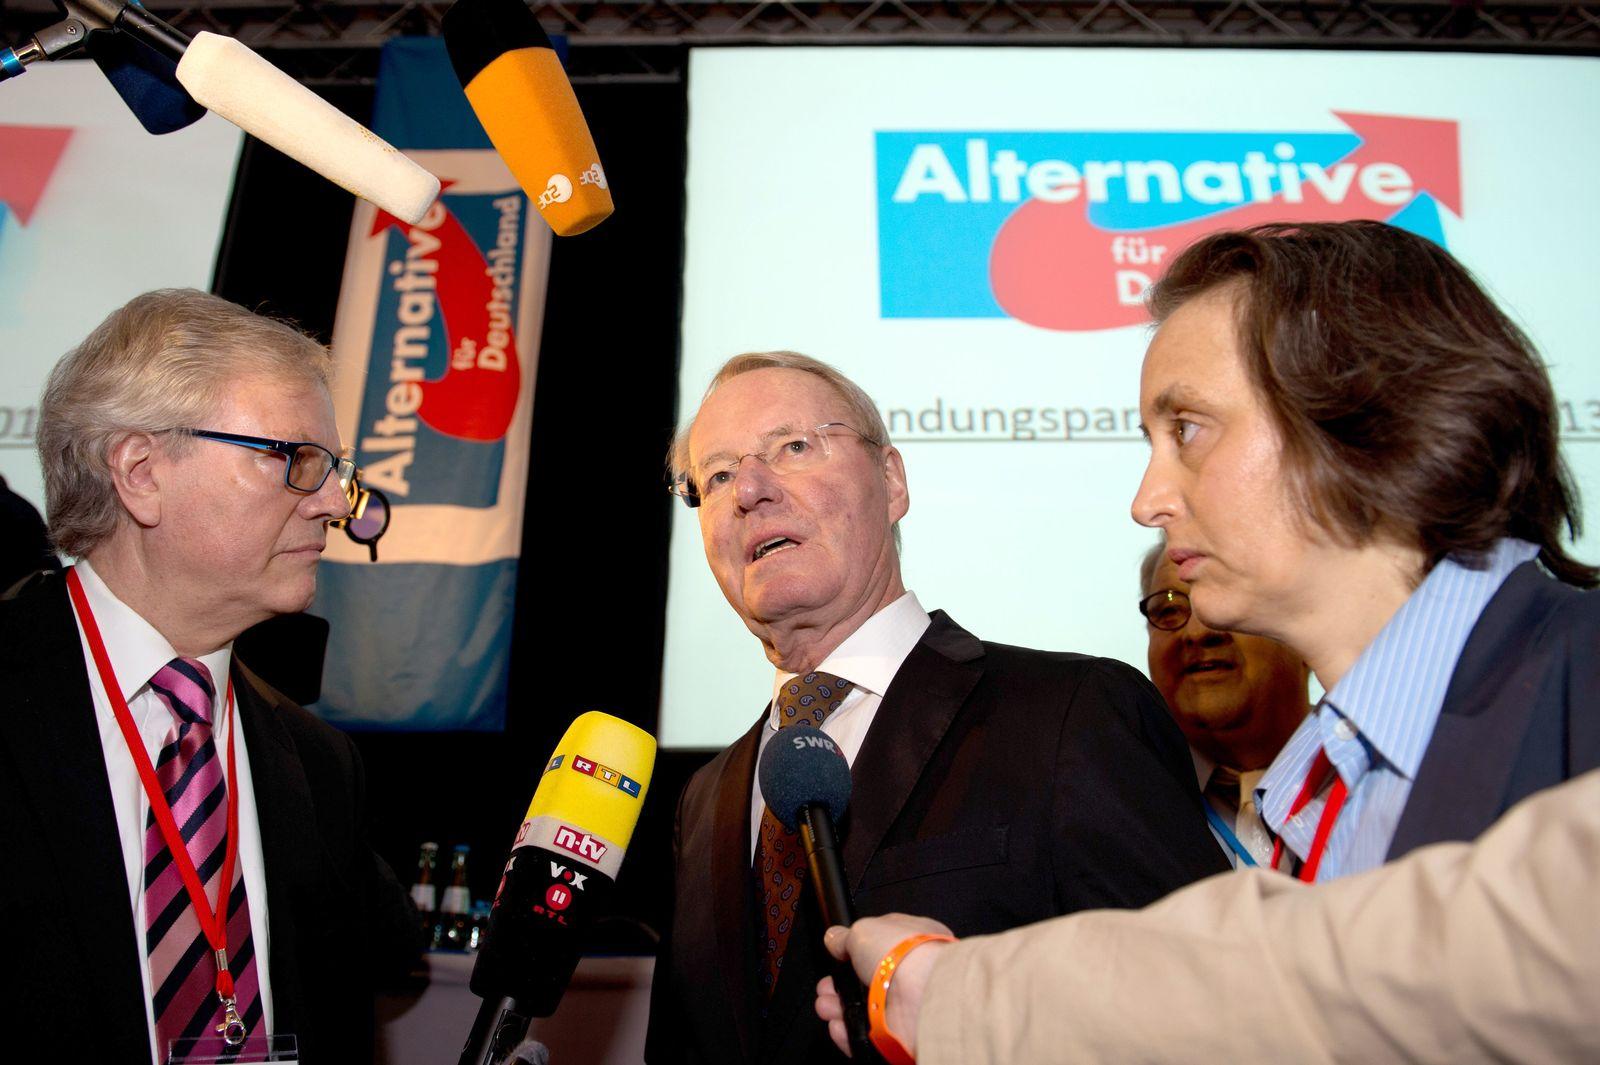 Henkel / Alternative für Deutschland